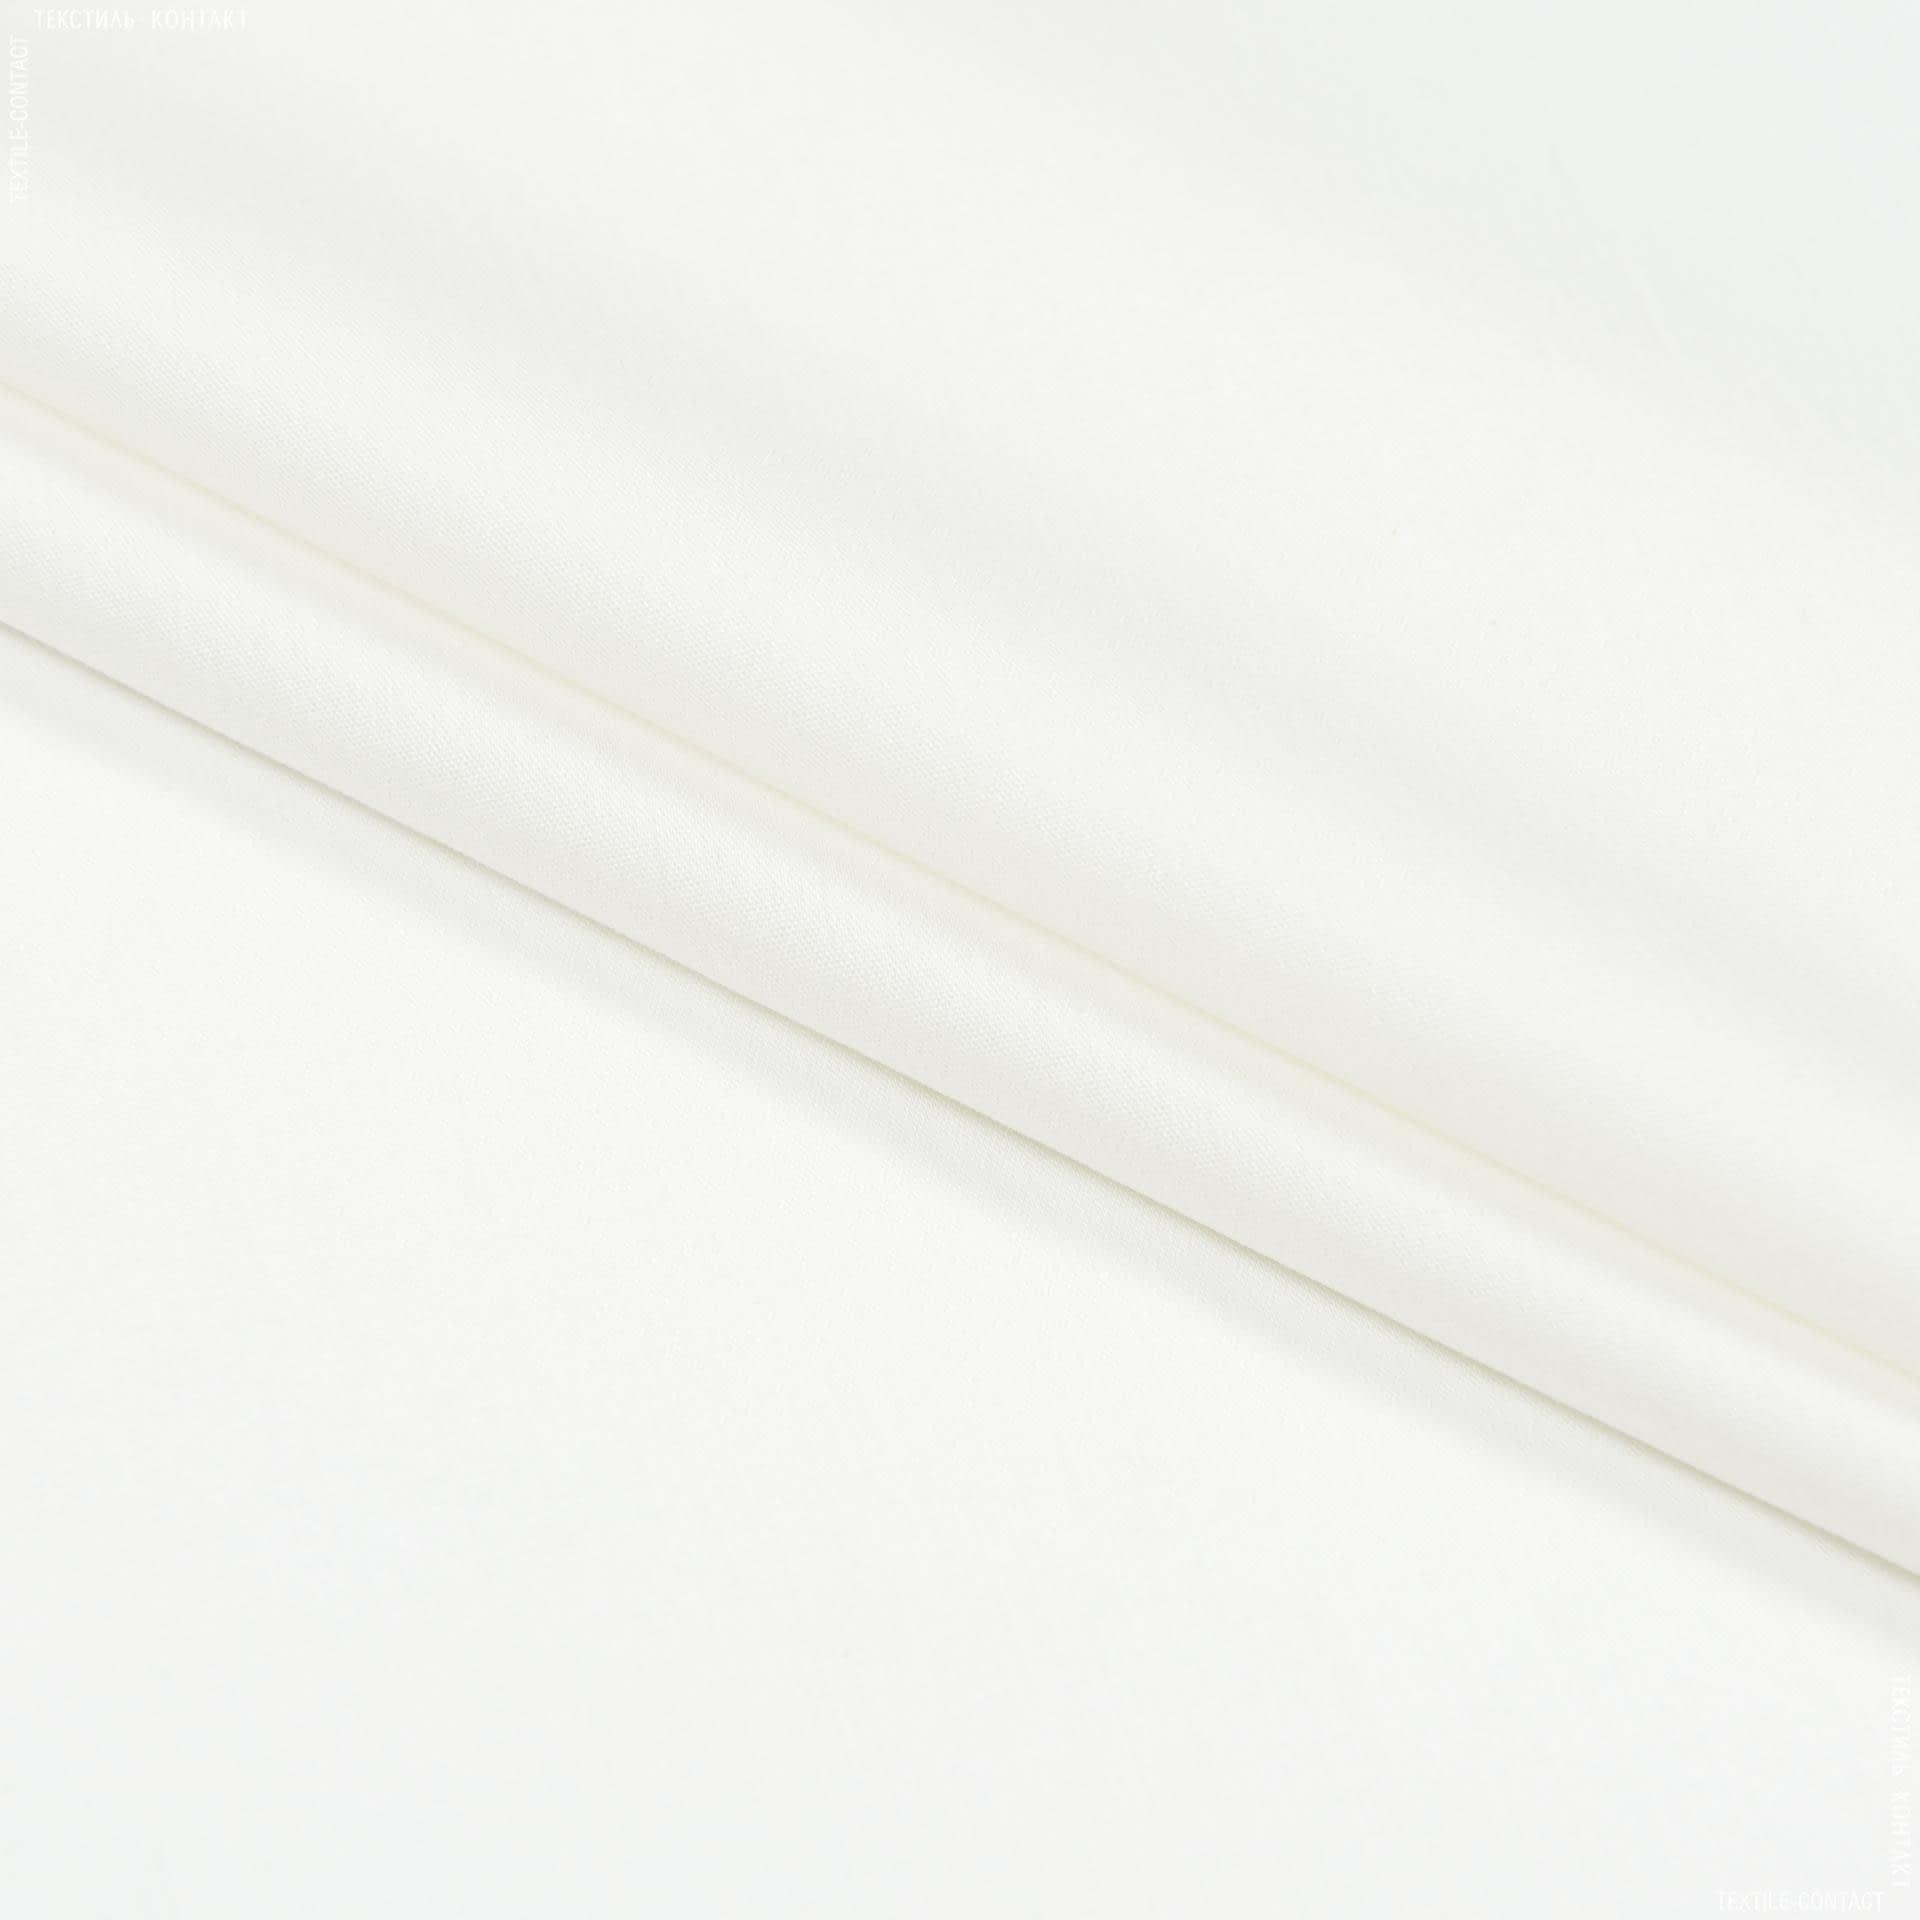 Тканини для хусток та бандан - Поплін нейлон стрейч молочний